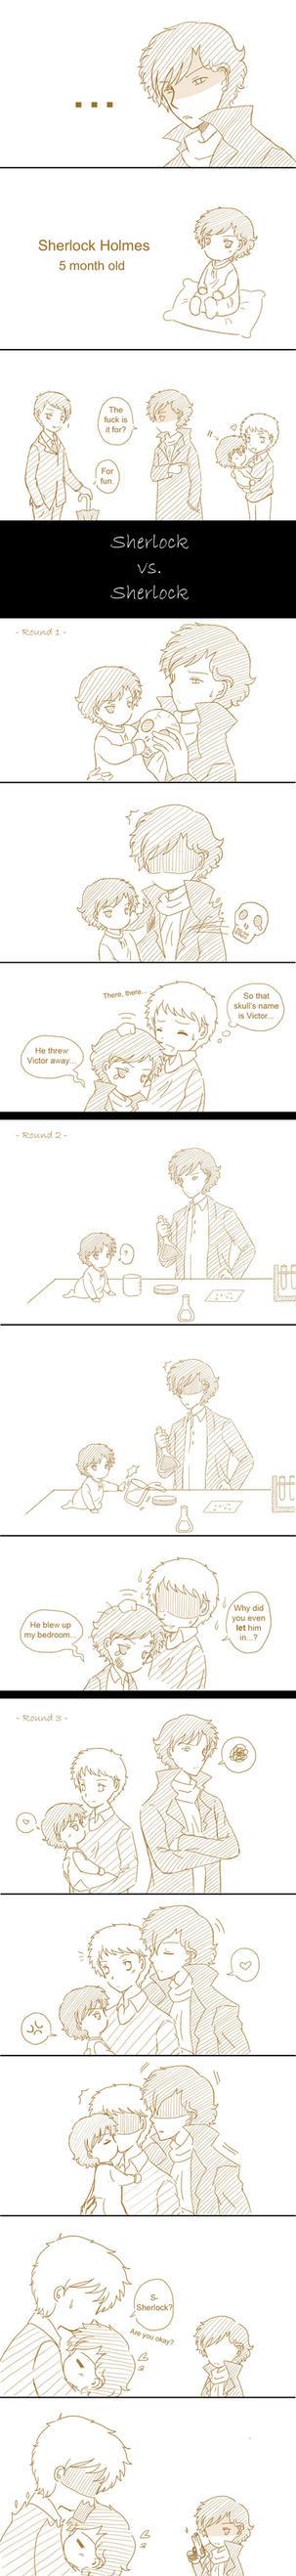 Childhood by Voidance-kun